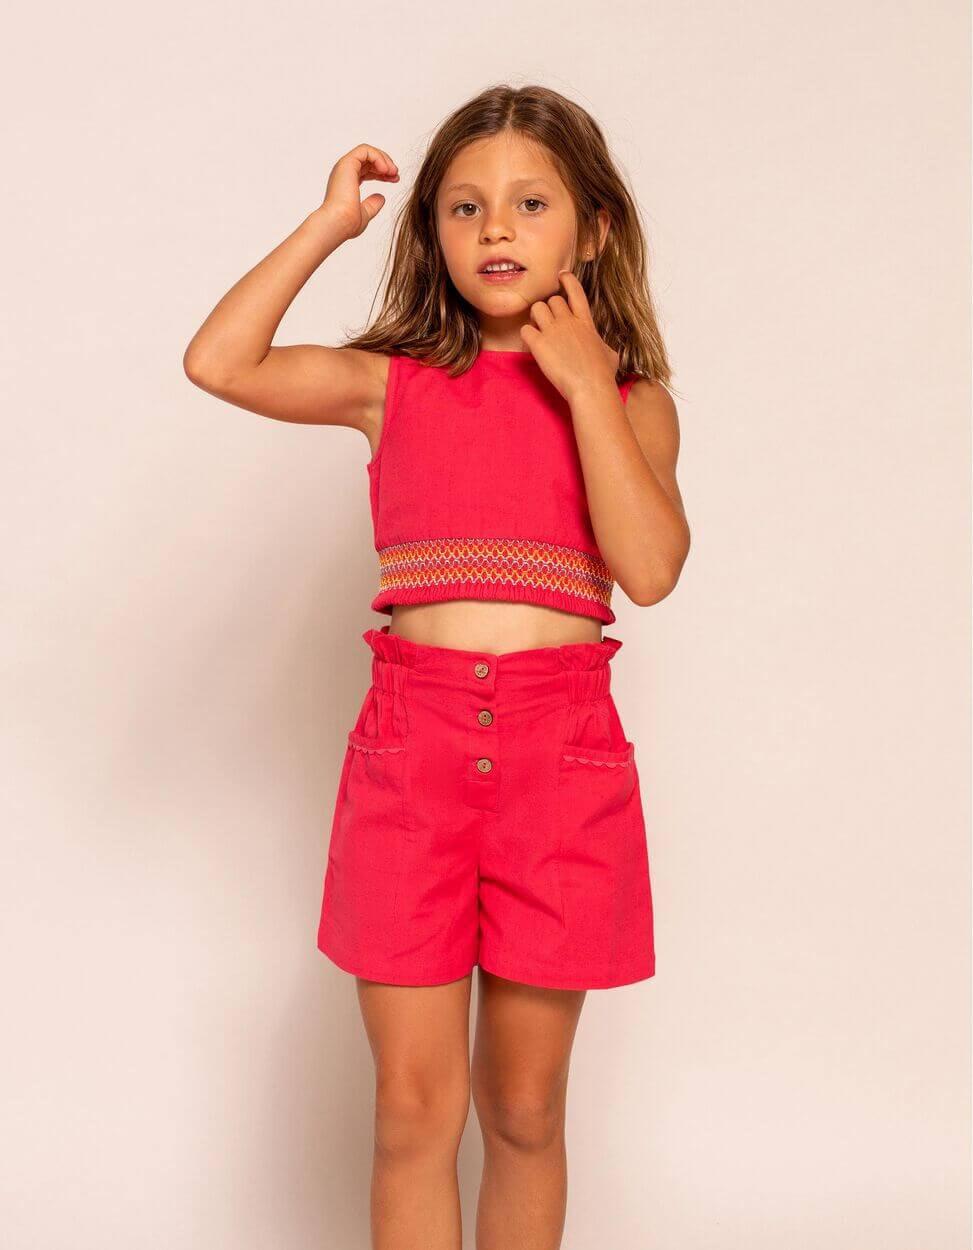 menina com top e calções cor de rosa da zippy